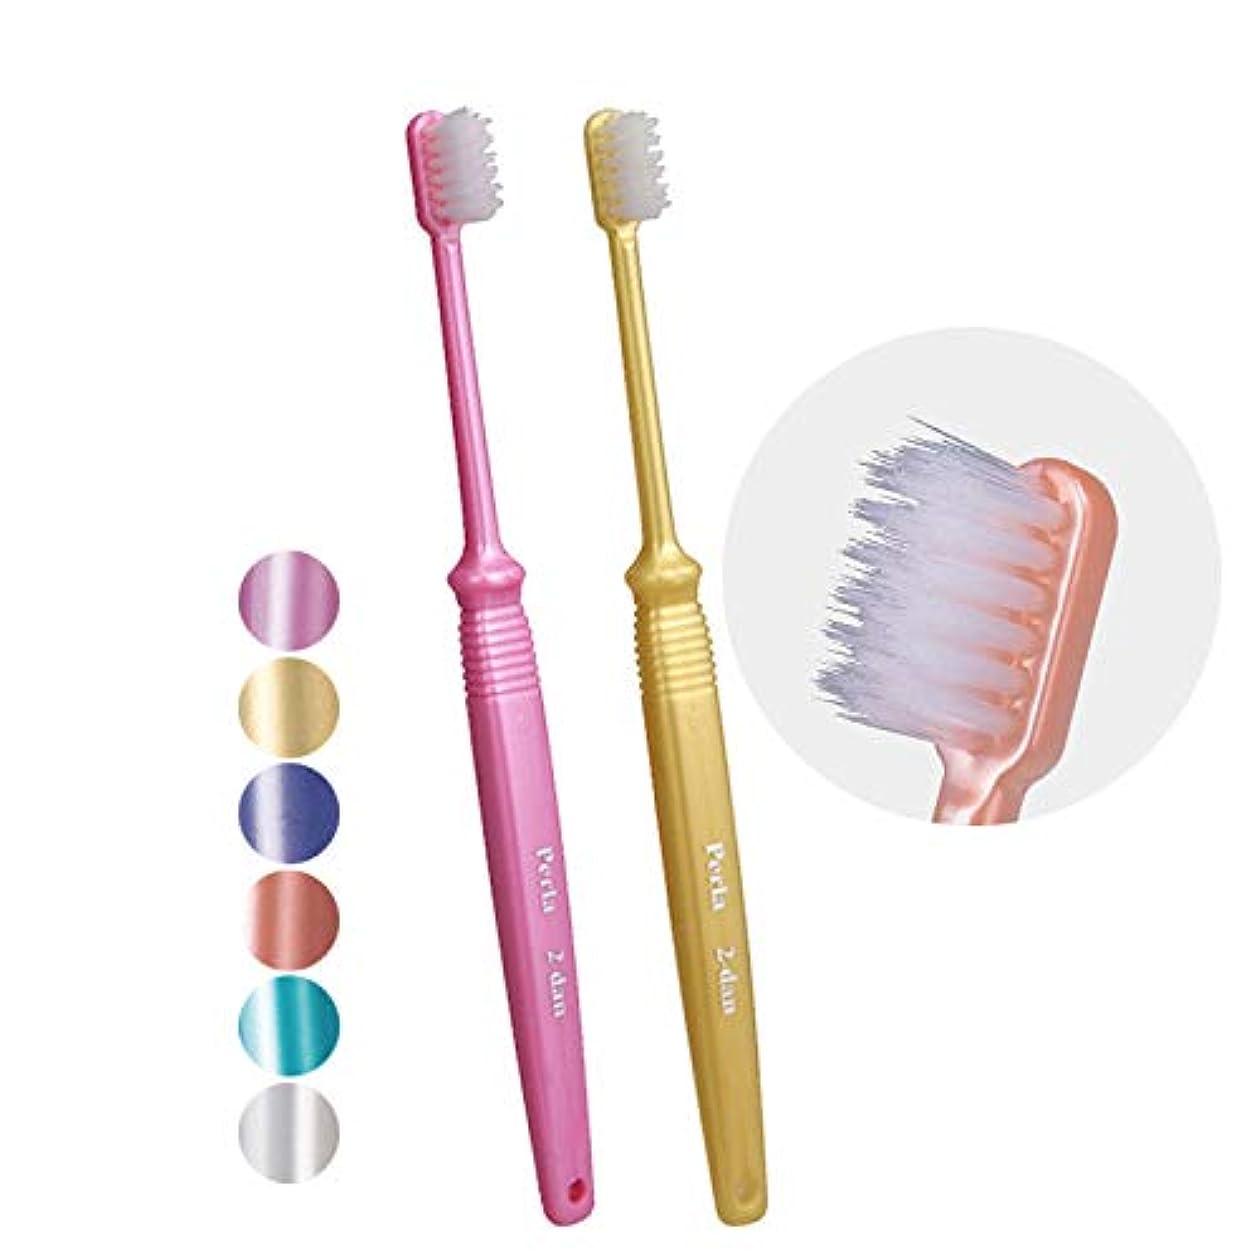 ではごきげんようあえぎ規制P.D.R.(ピーディーアール) ペルラ 歯ブラシ 二段植毛 × 1本 M(ふつう)